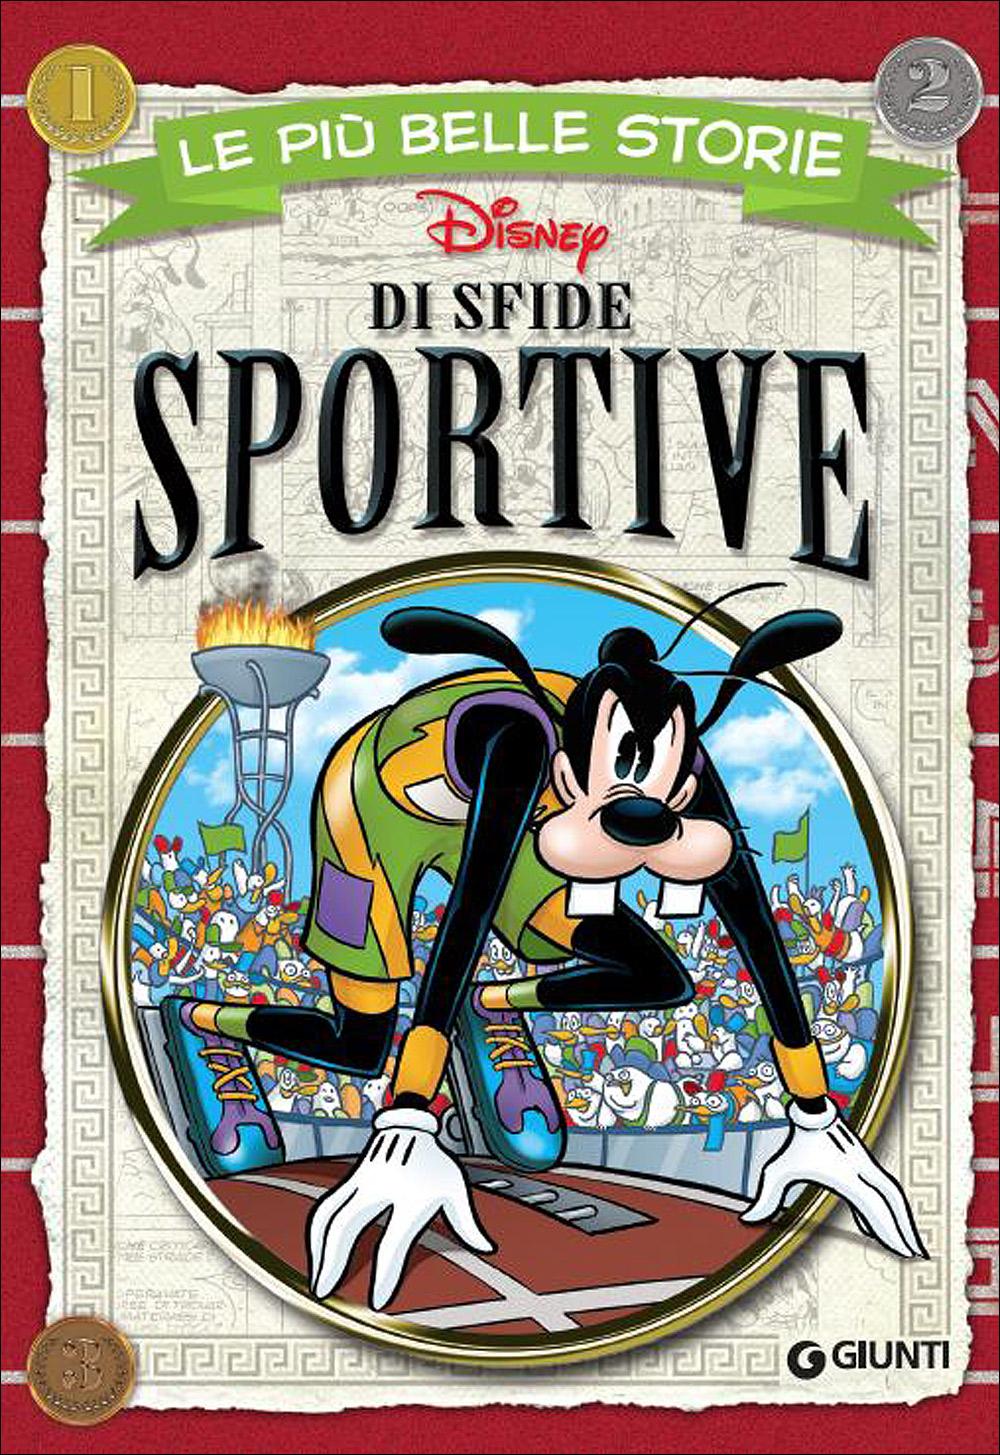 Cover Le più belle storie Disney 26 - di Sfide Sportive